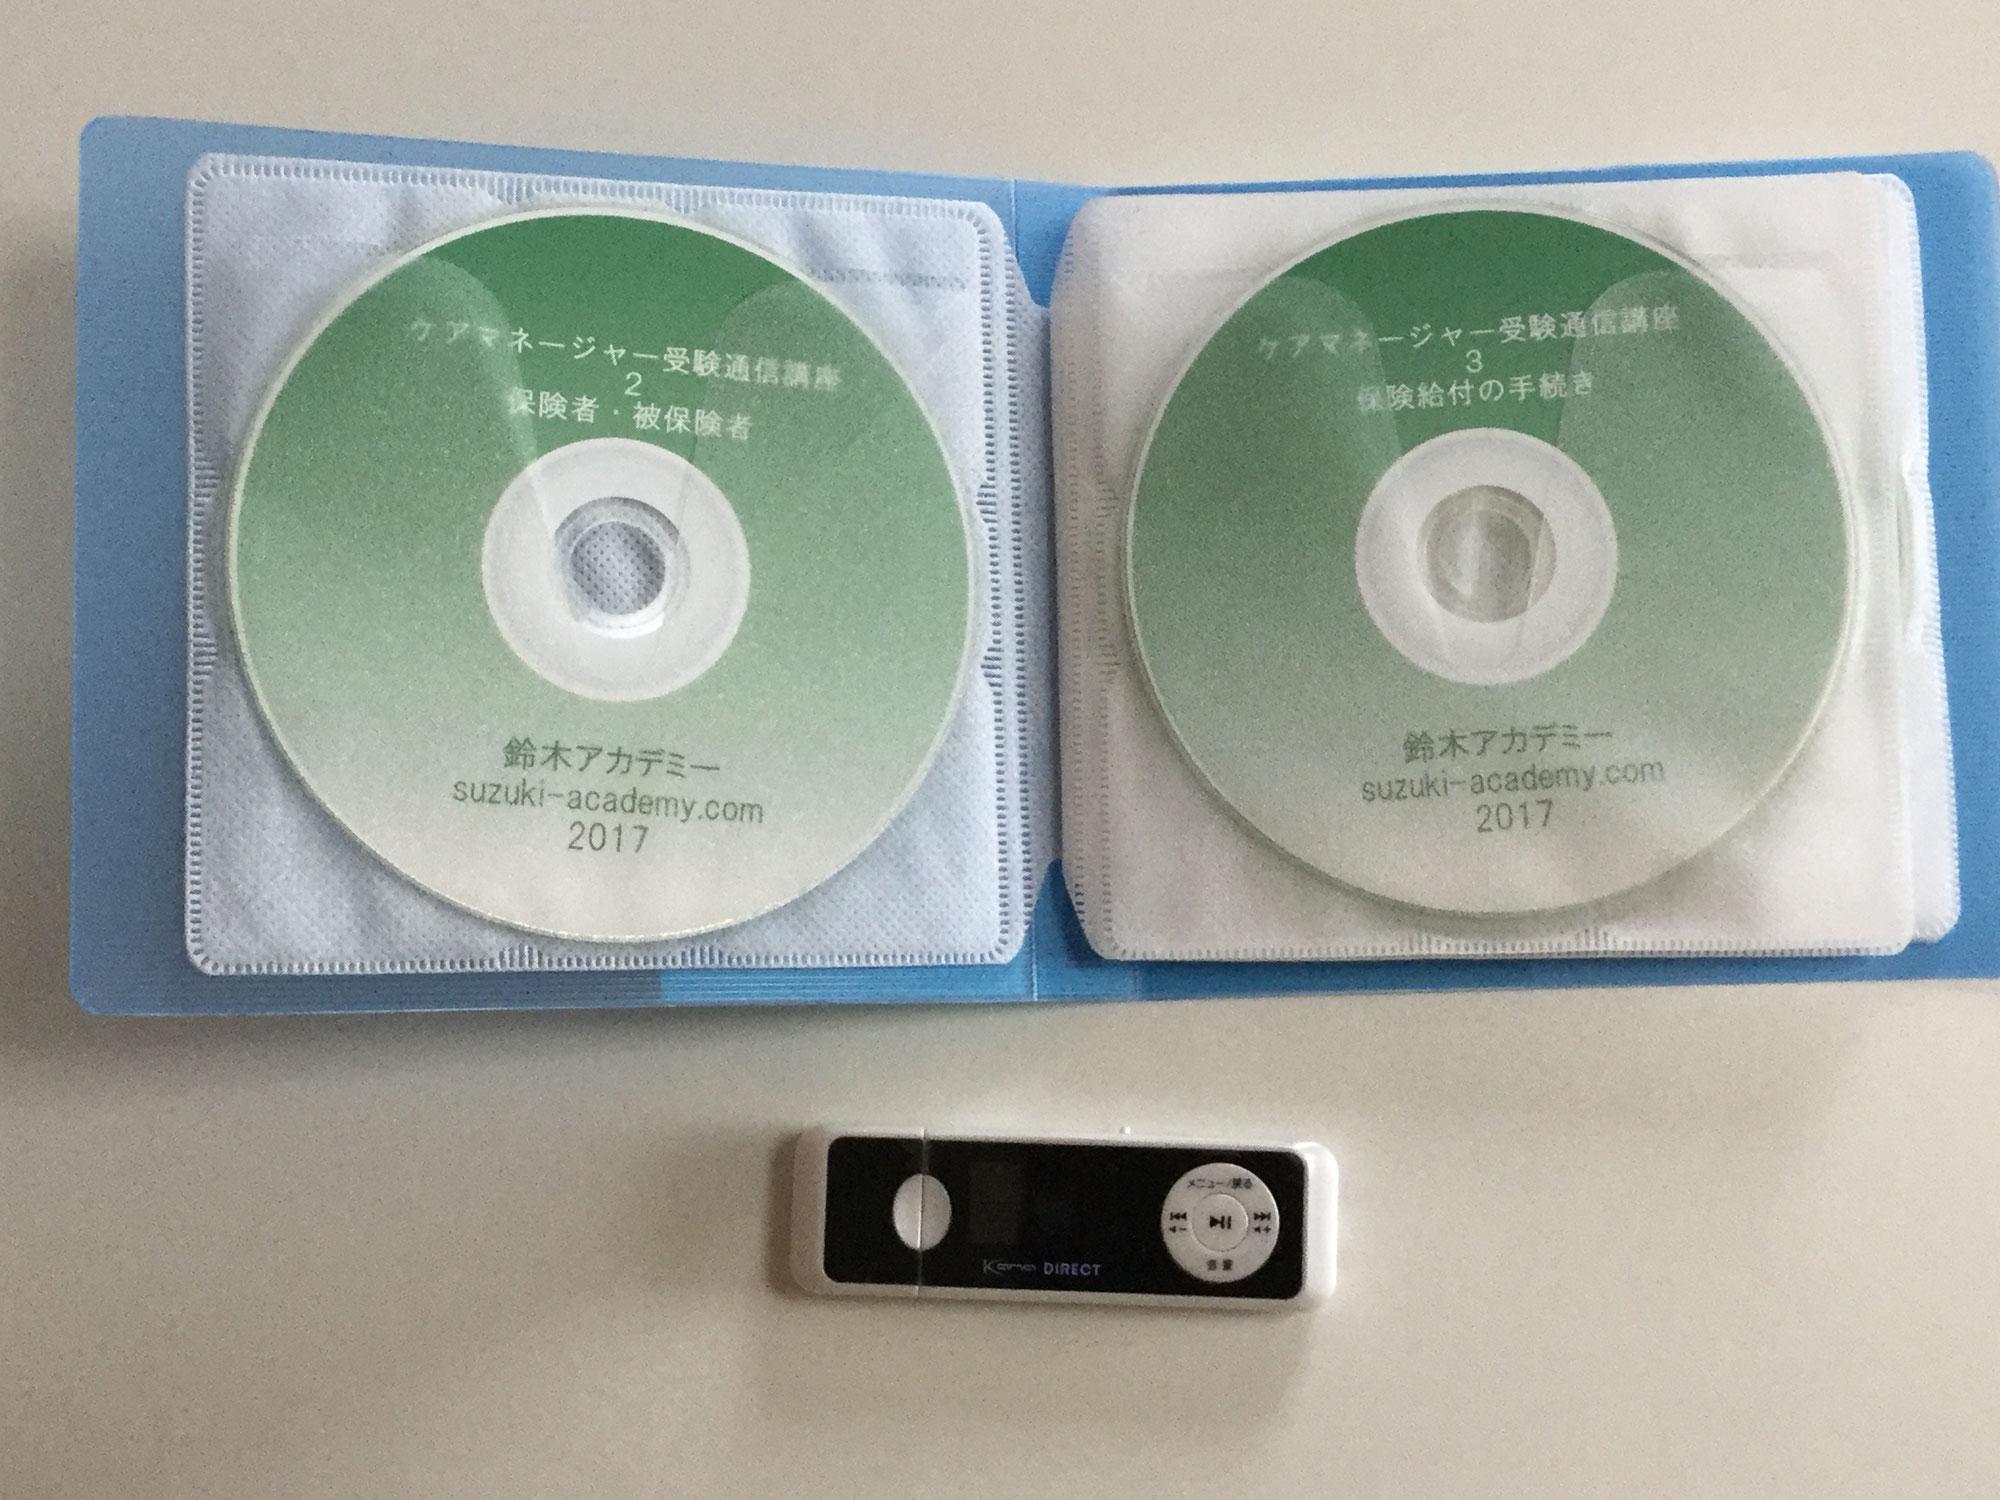 ケアマネ受験のための動画配信型講座